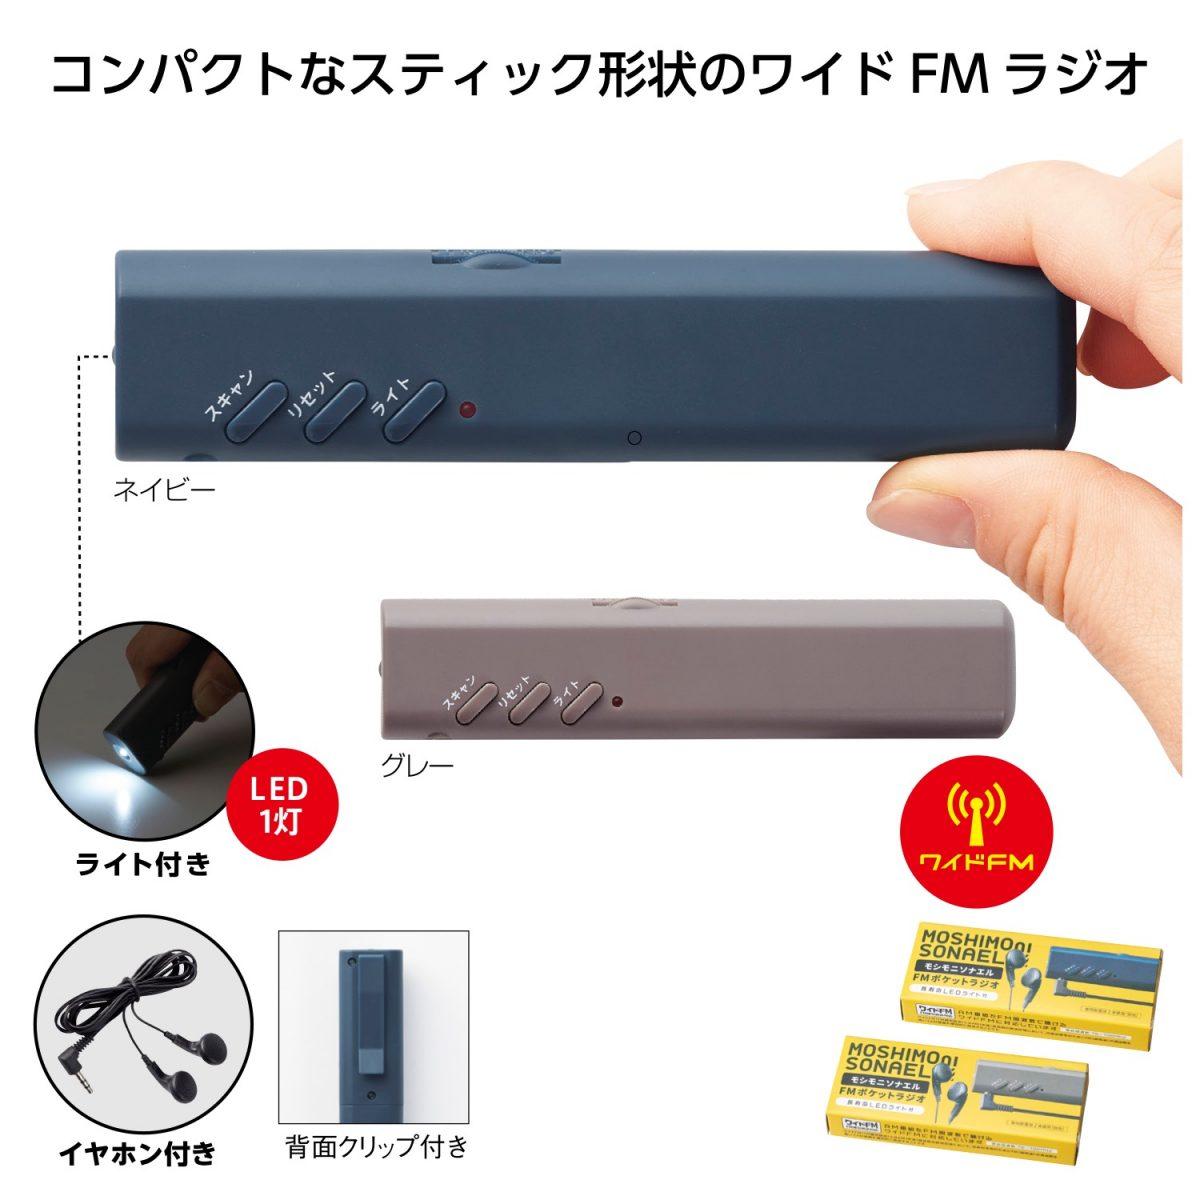 モシモニソナエルFMポケットラジオ